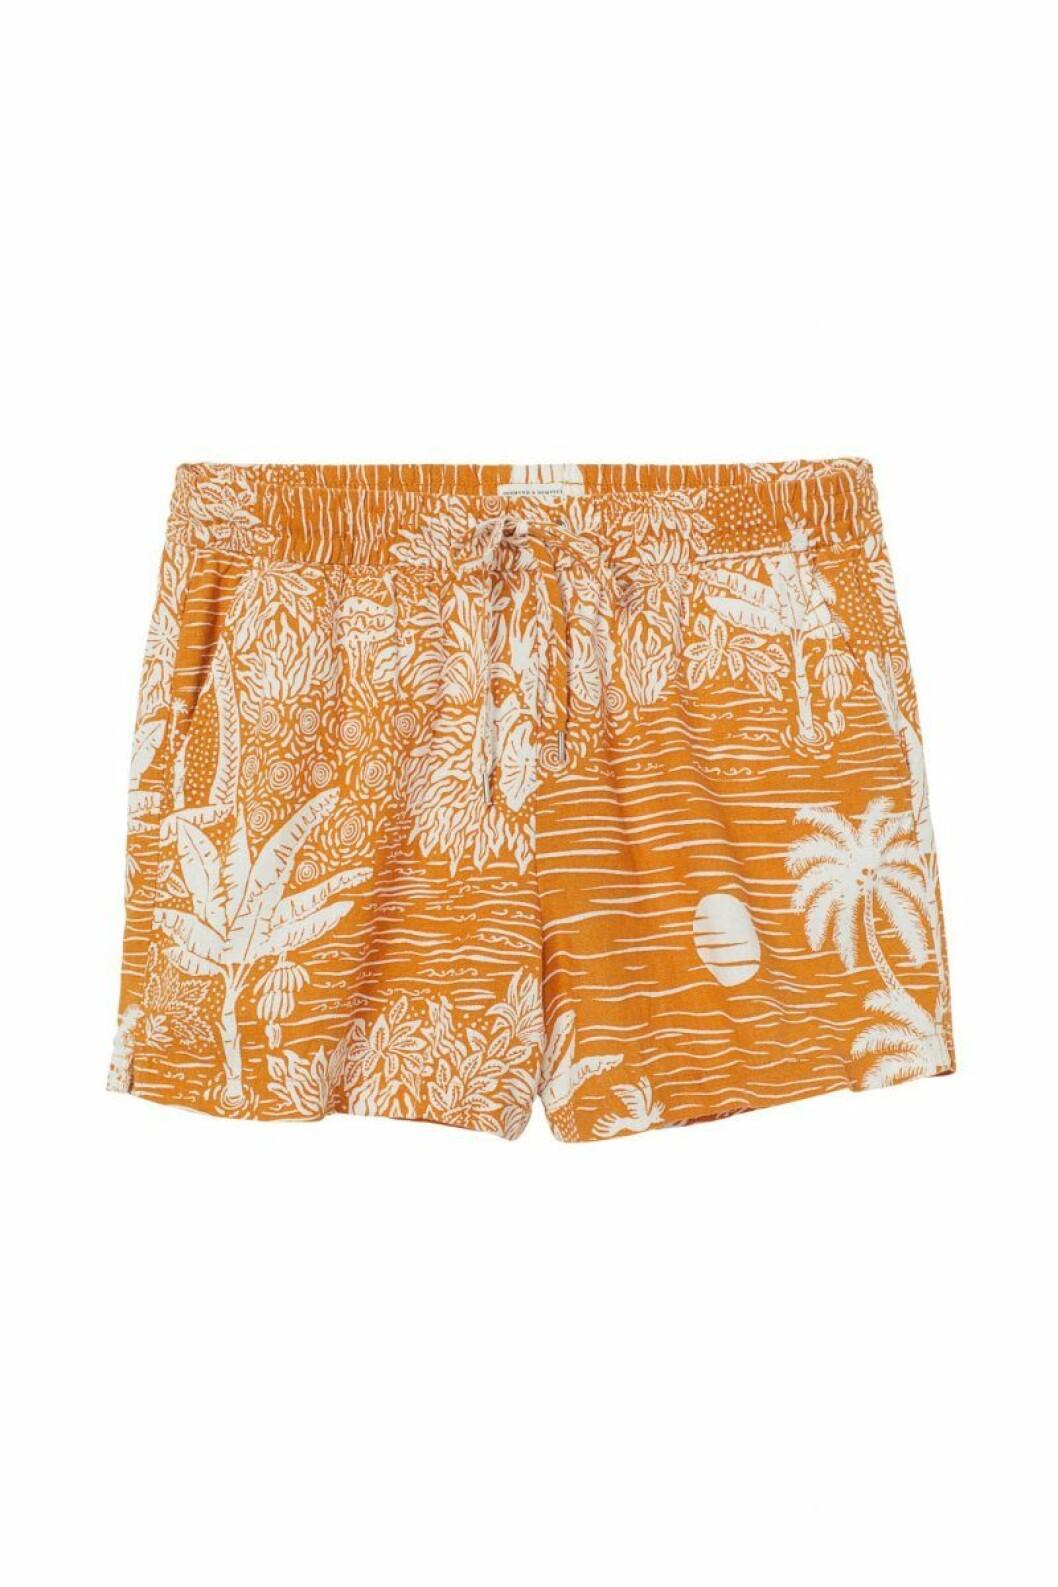 H&M x Desmond & Dempsey sommarkollektion 2020: mönstrade shorts